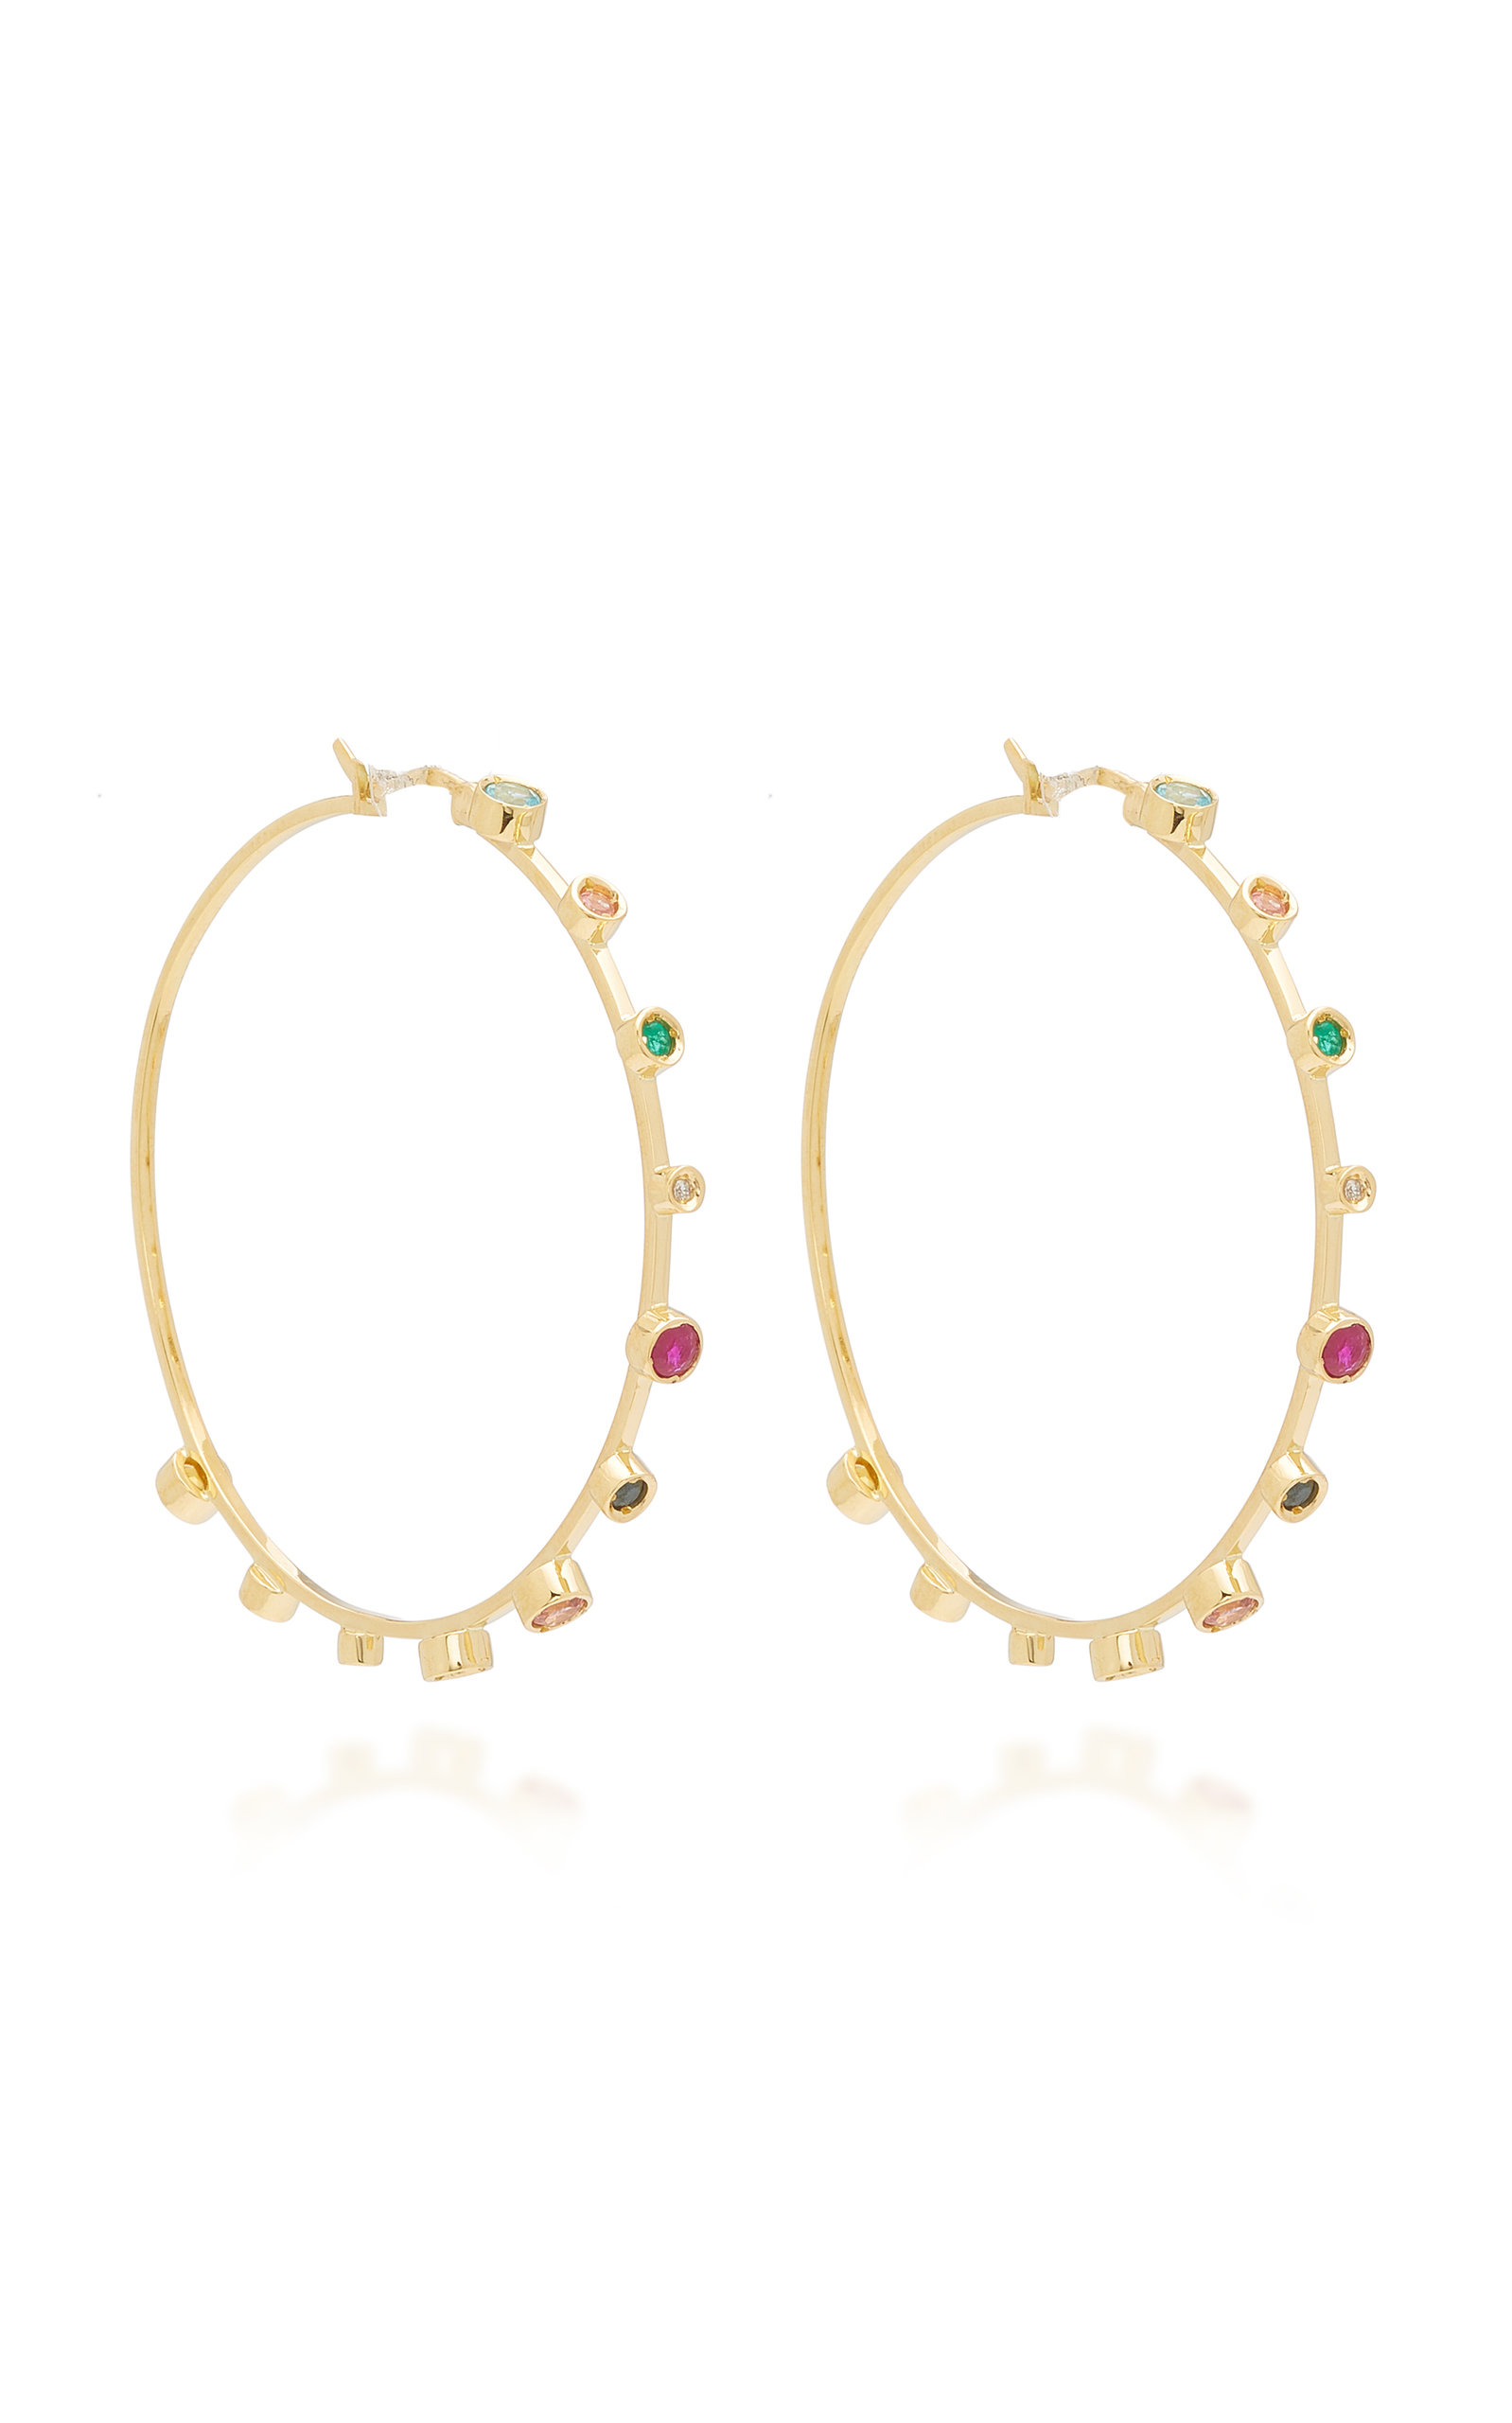 Women's 18K Yellow Gold Multi-Stone Hoop Earrings